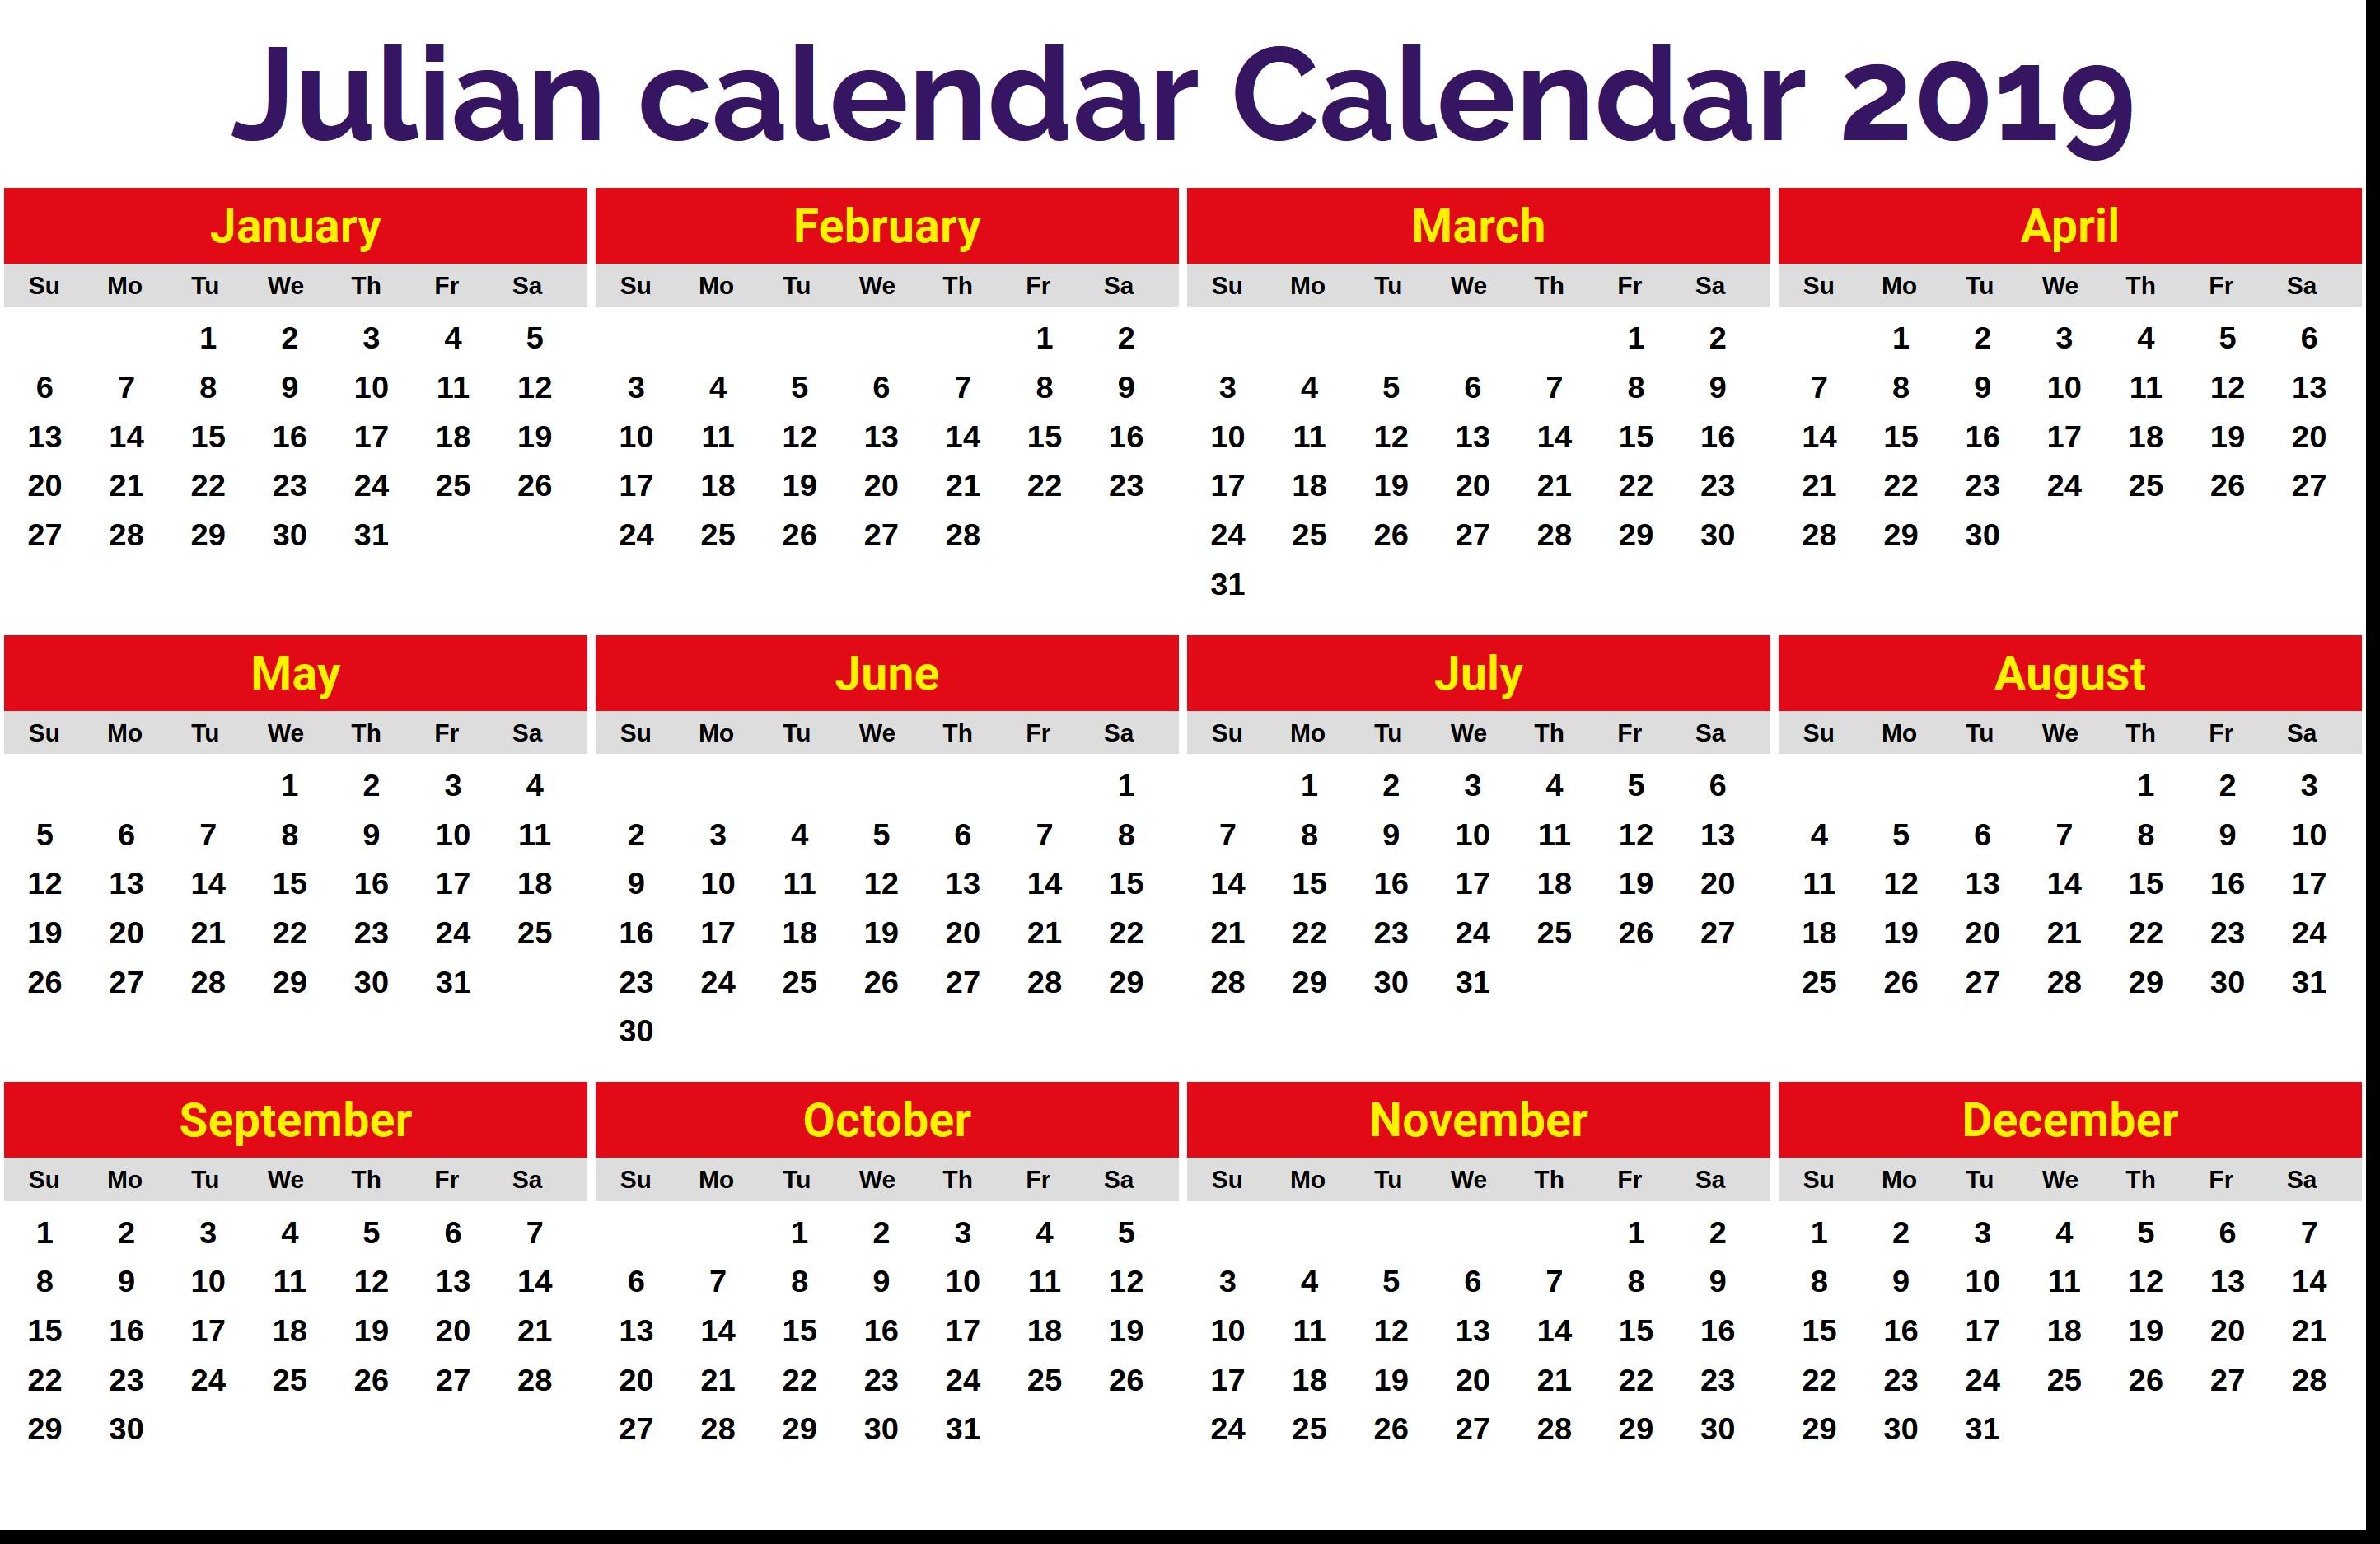 Best Of 2019 Julian Date Calendar Printable | Free Printable